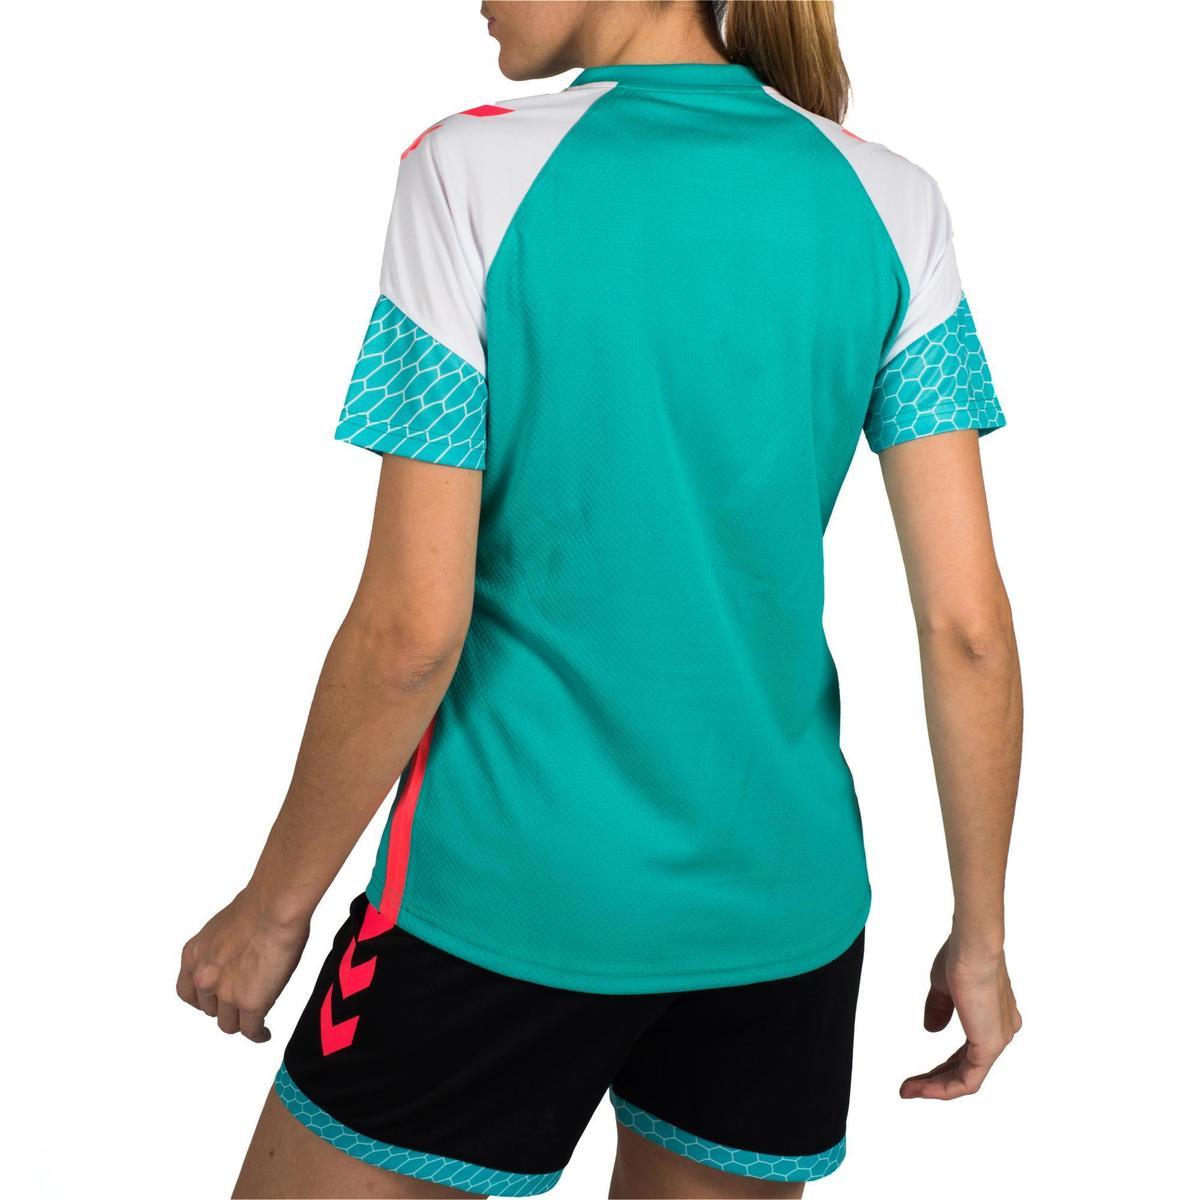 Bild 4 von Handballtrikot Damen türkis/weiß